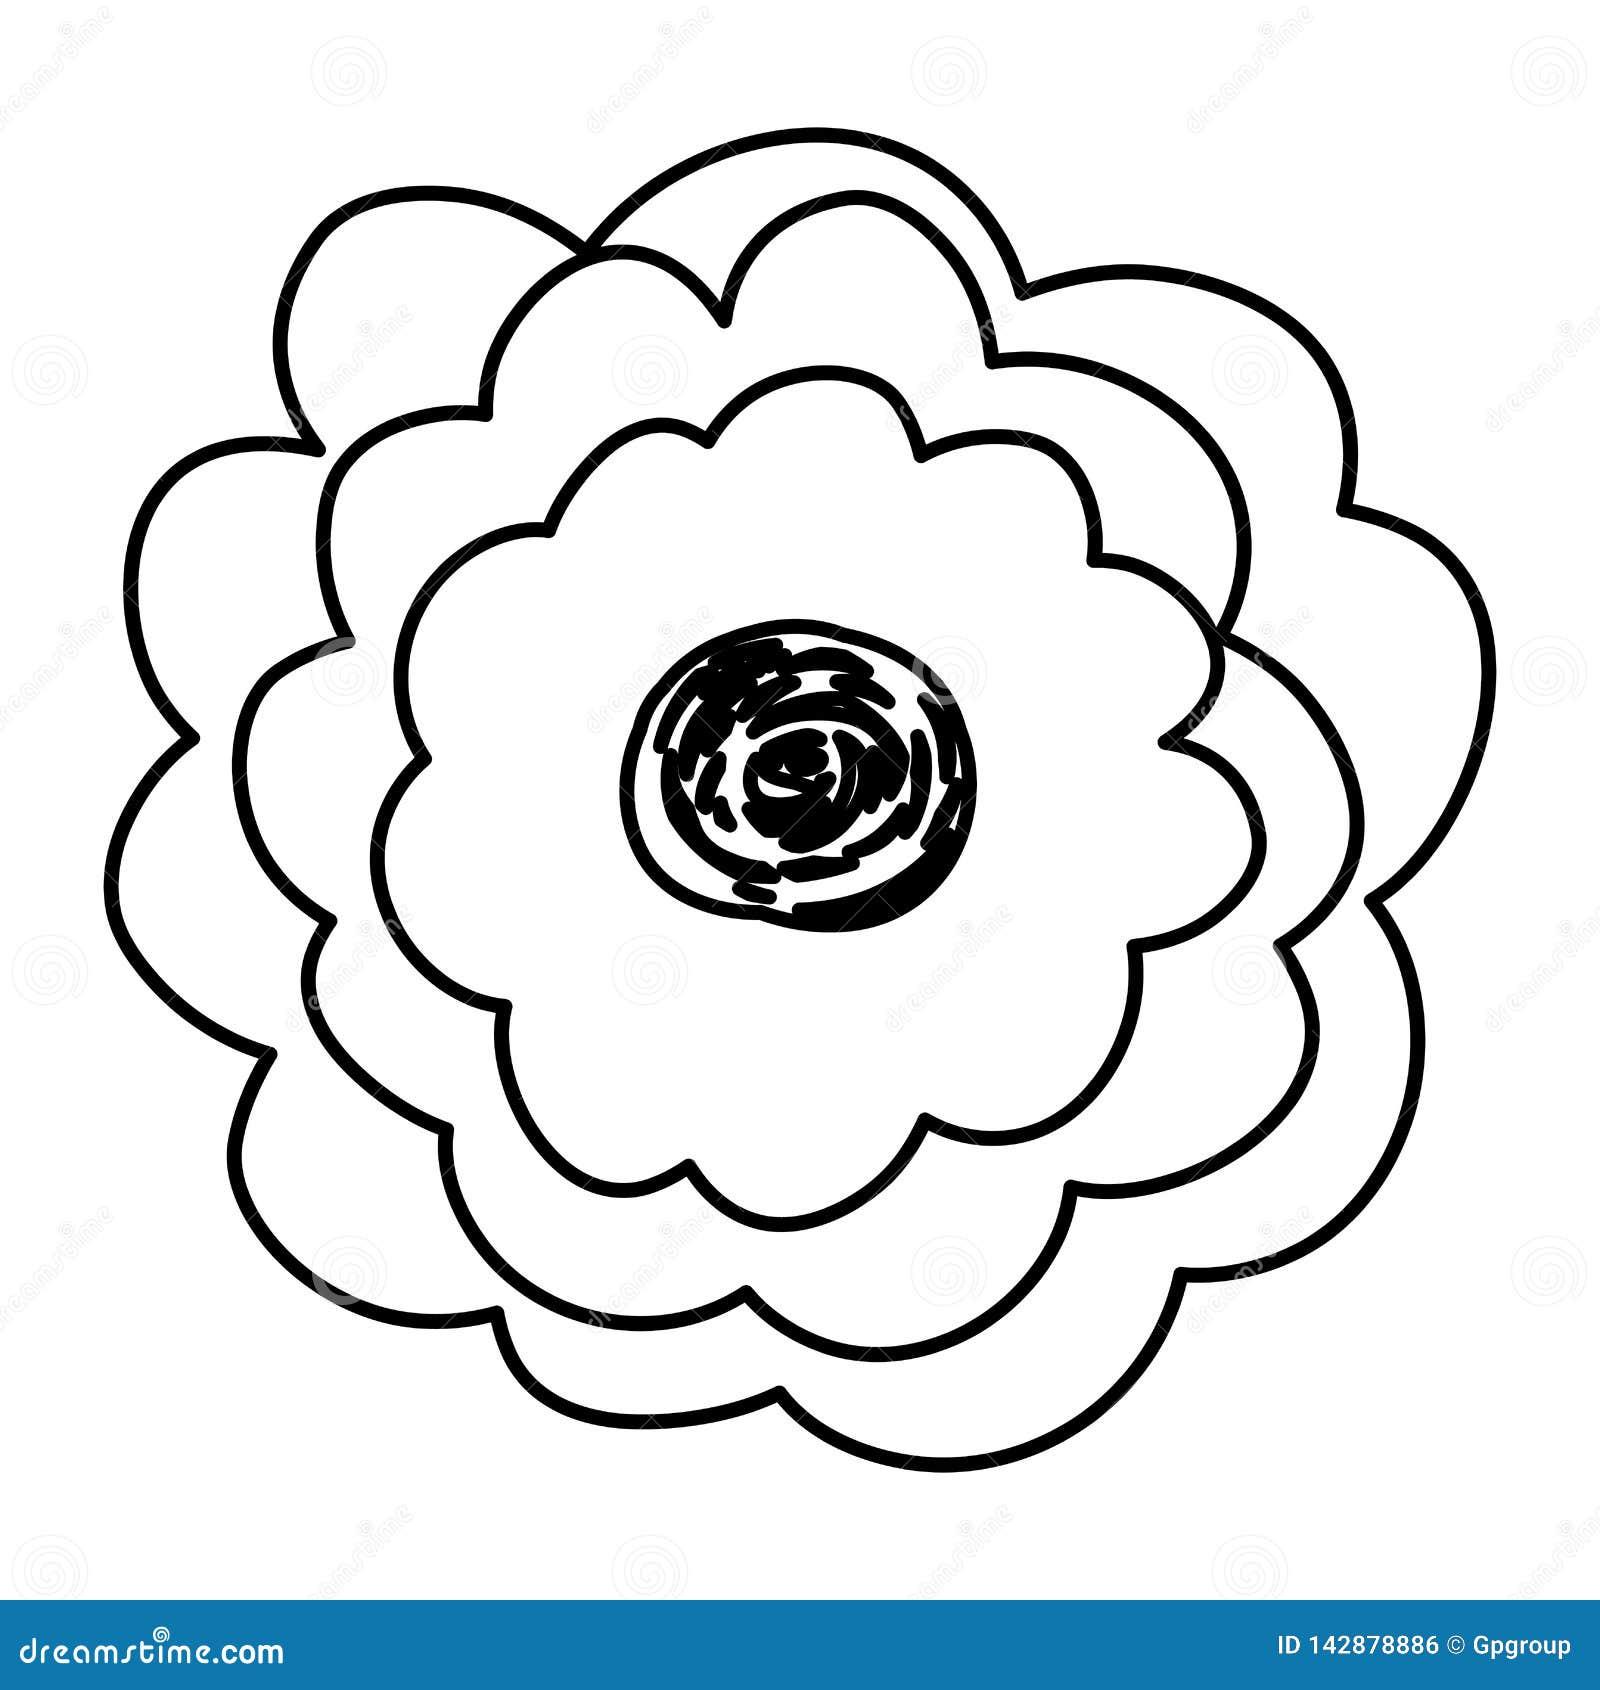 Contorno Do Esboco Da Flor Do Desenho Da Mao Com Diversas Petalas